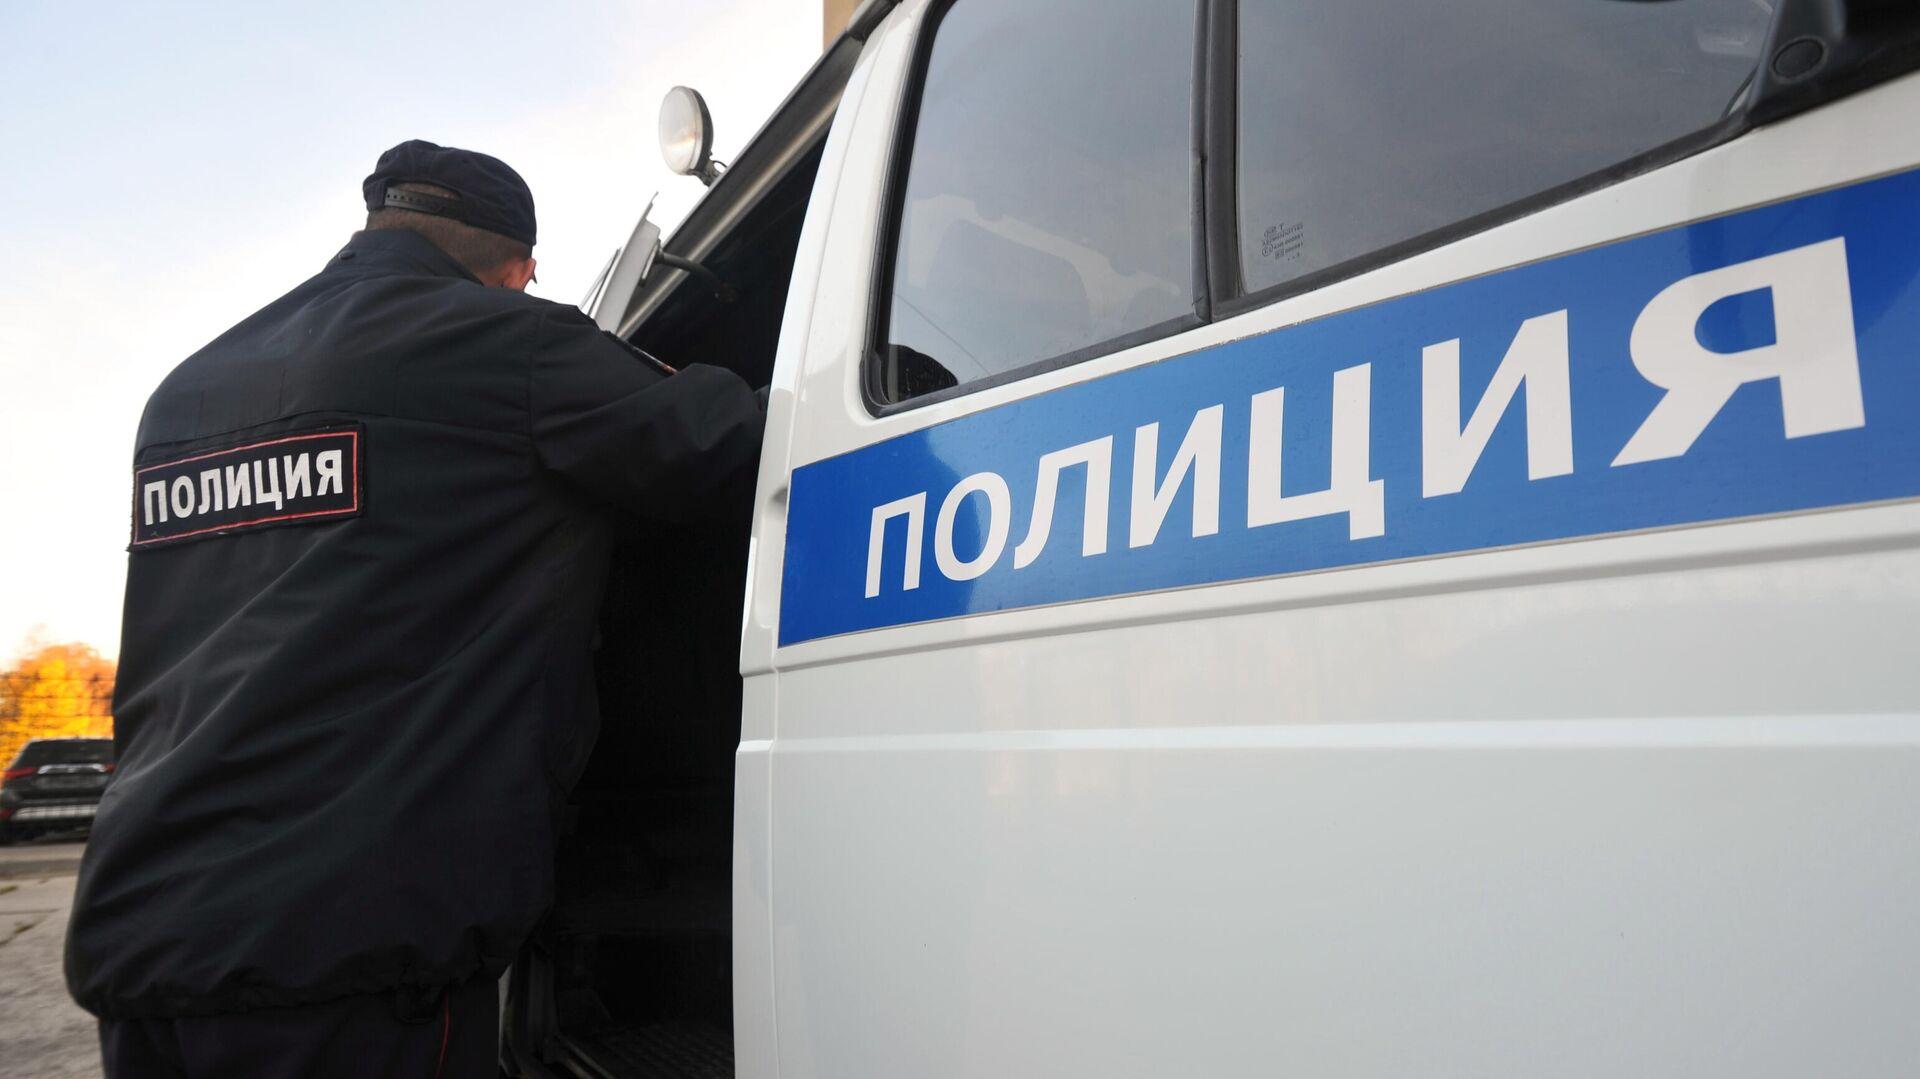 Сотрудник полиции - РИА Новости, 1920, 17.10.2020